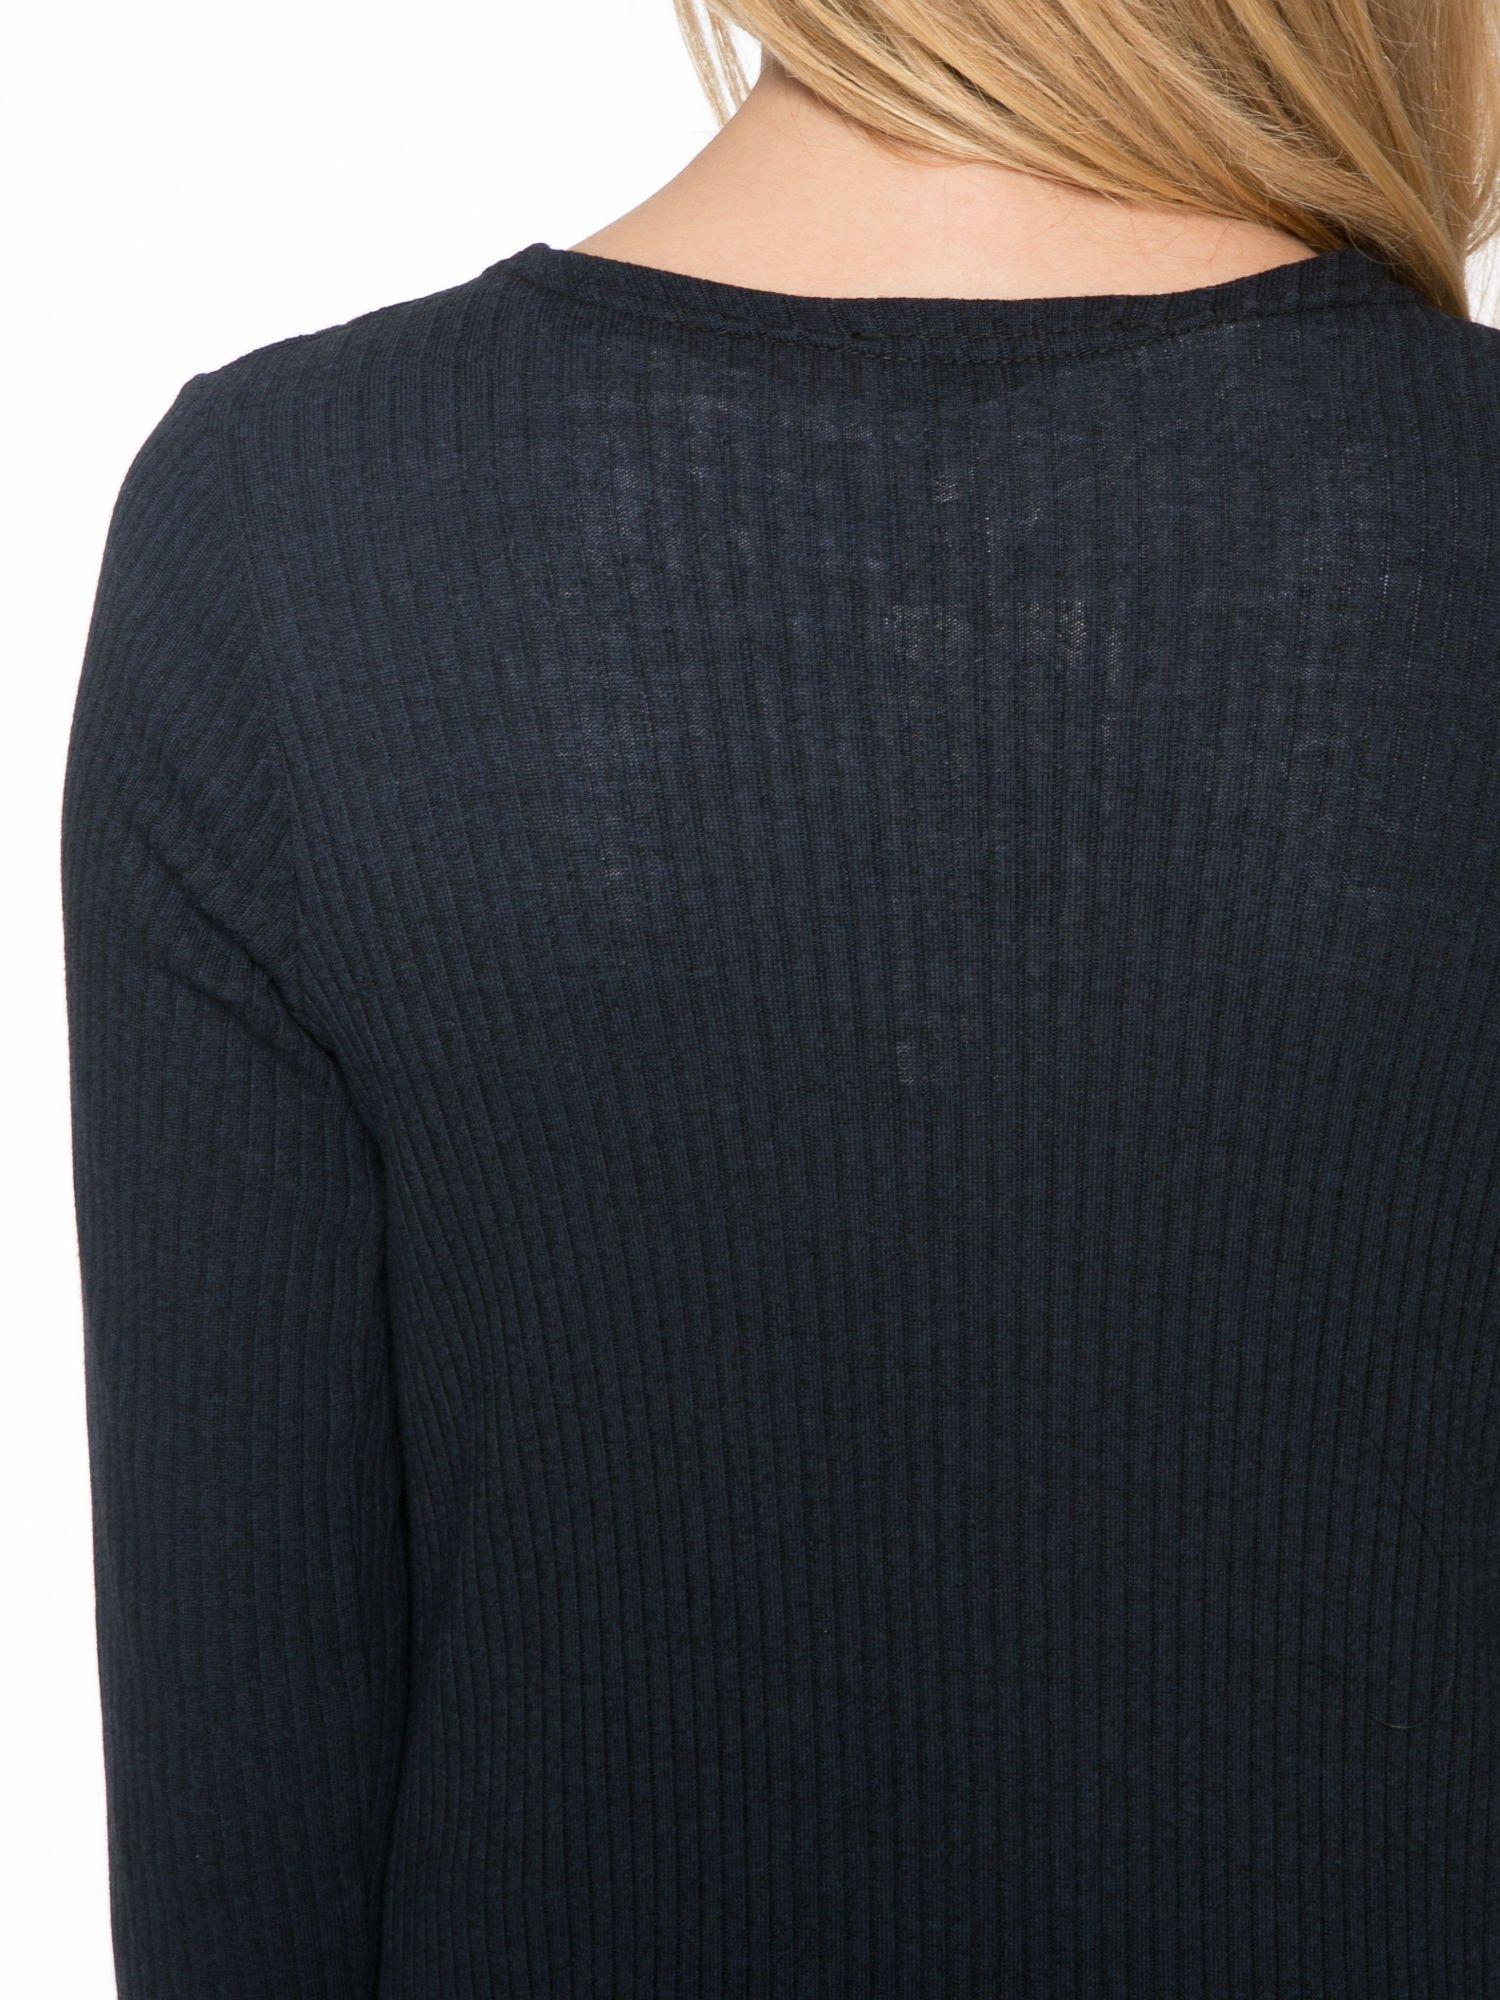 Granatowy długi prążkowany sweter kardigan                                  zdj.                                  8